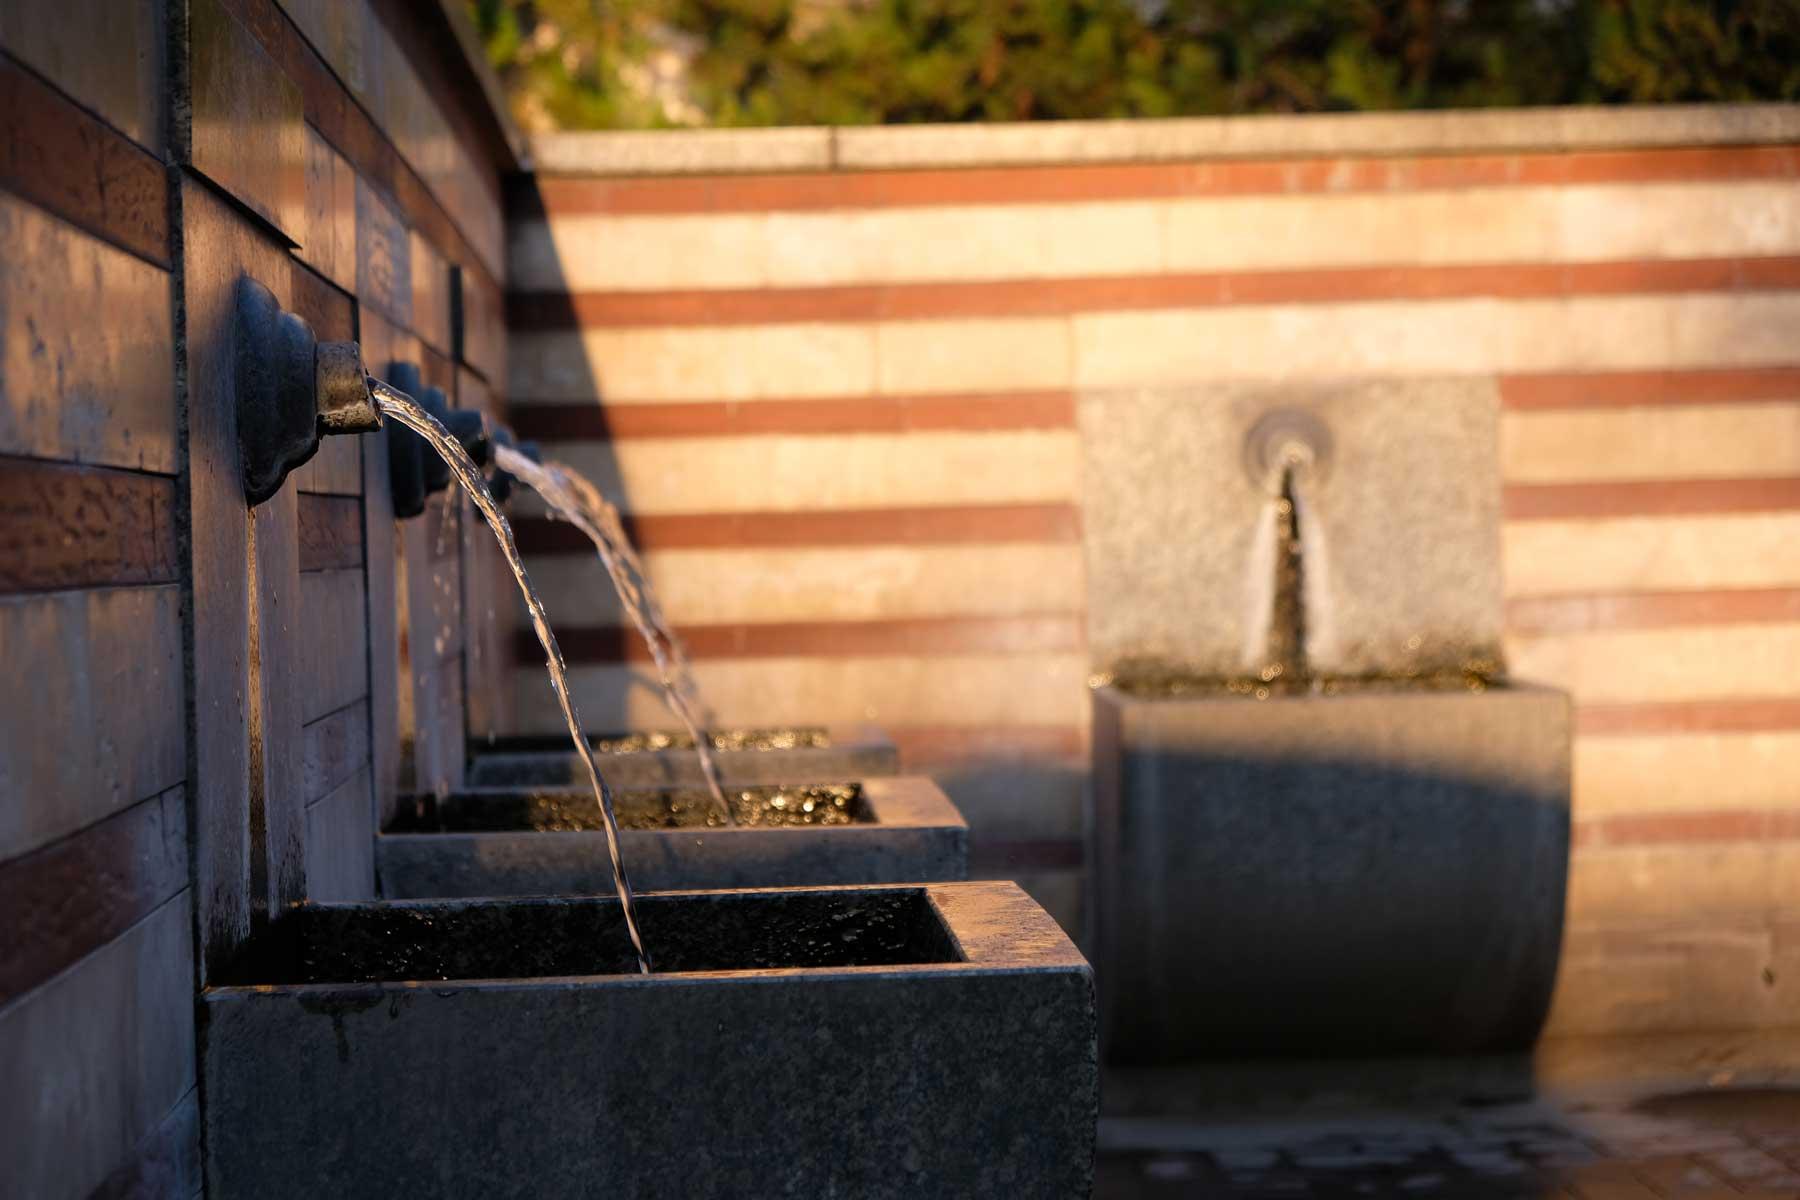 Wassersträhle aus einem Brunnen